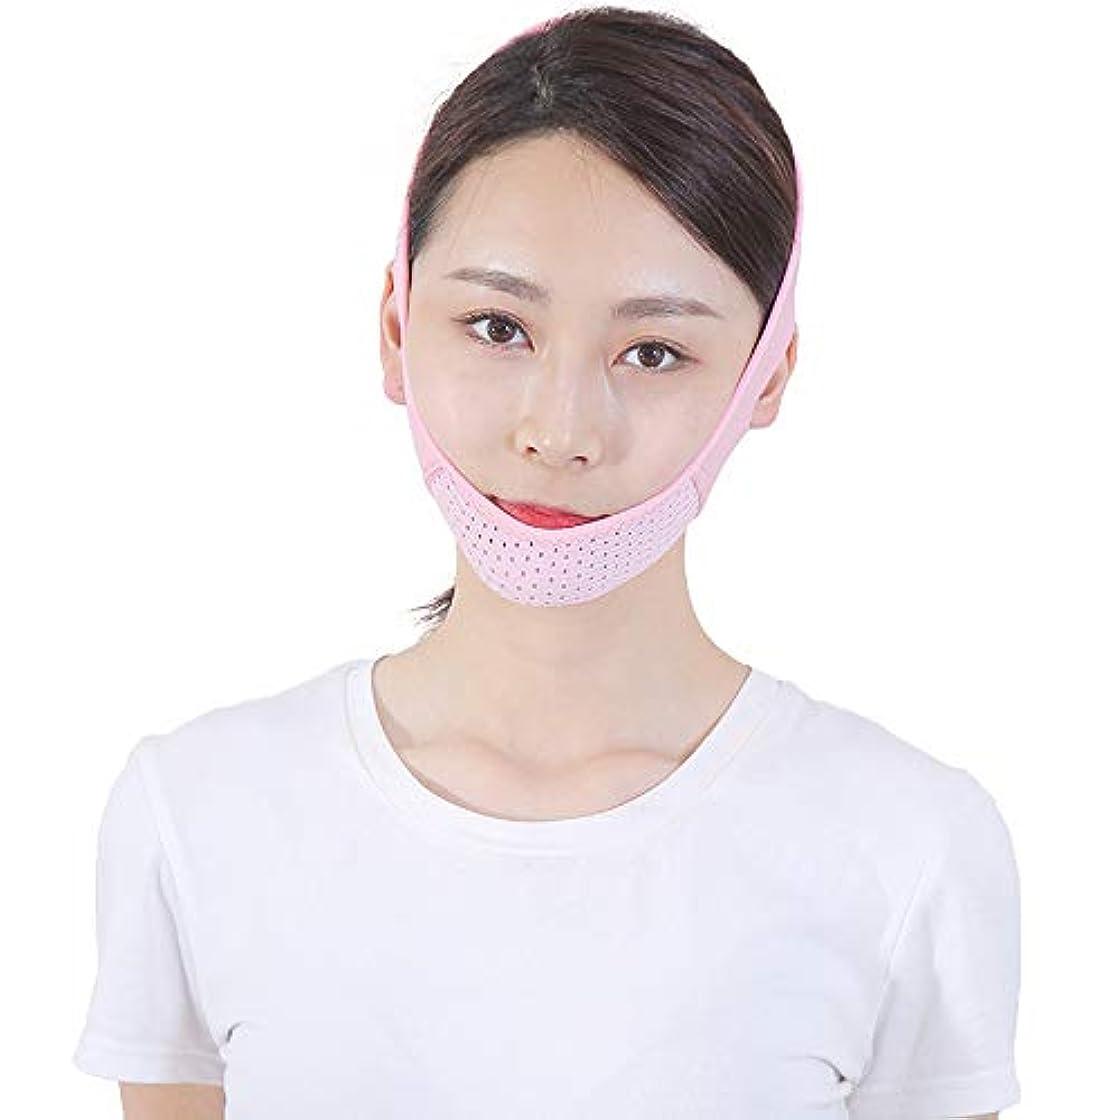 冷える慣性扇動するJia Jia- フェイシャルリフティング痩身ベルトフェイススリムゲットダブルチンアンチエイジングリンクルフェイスバンデージマスクシェイピングマスク顔を引き締めるダブルチンワークアウト 顔面包帯